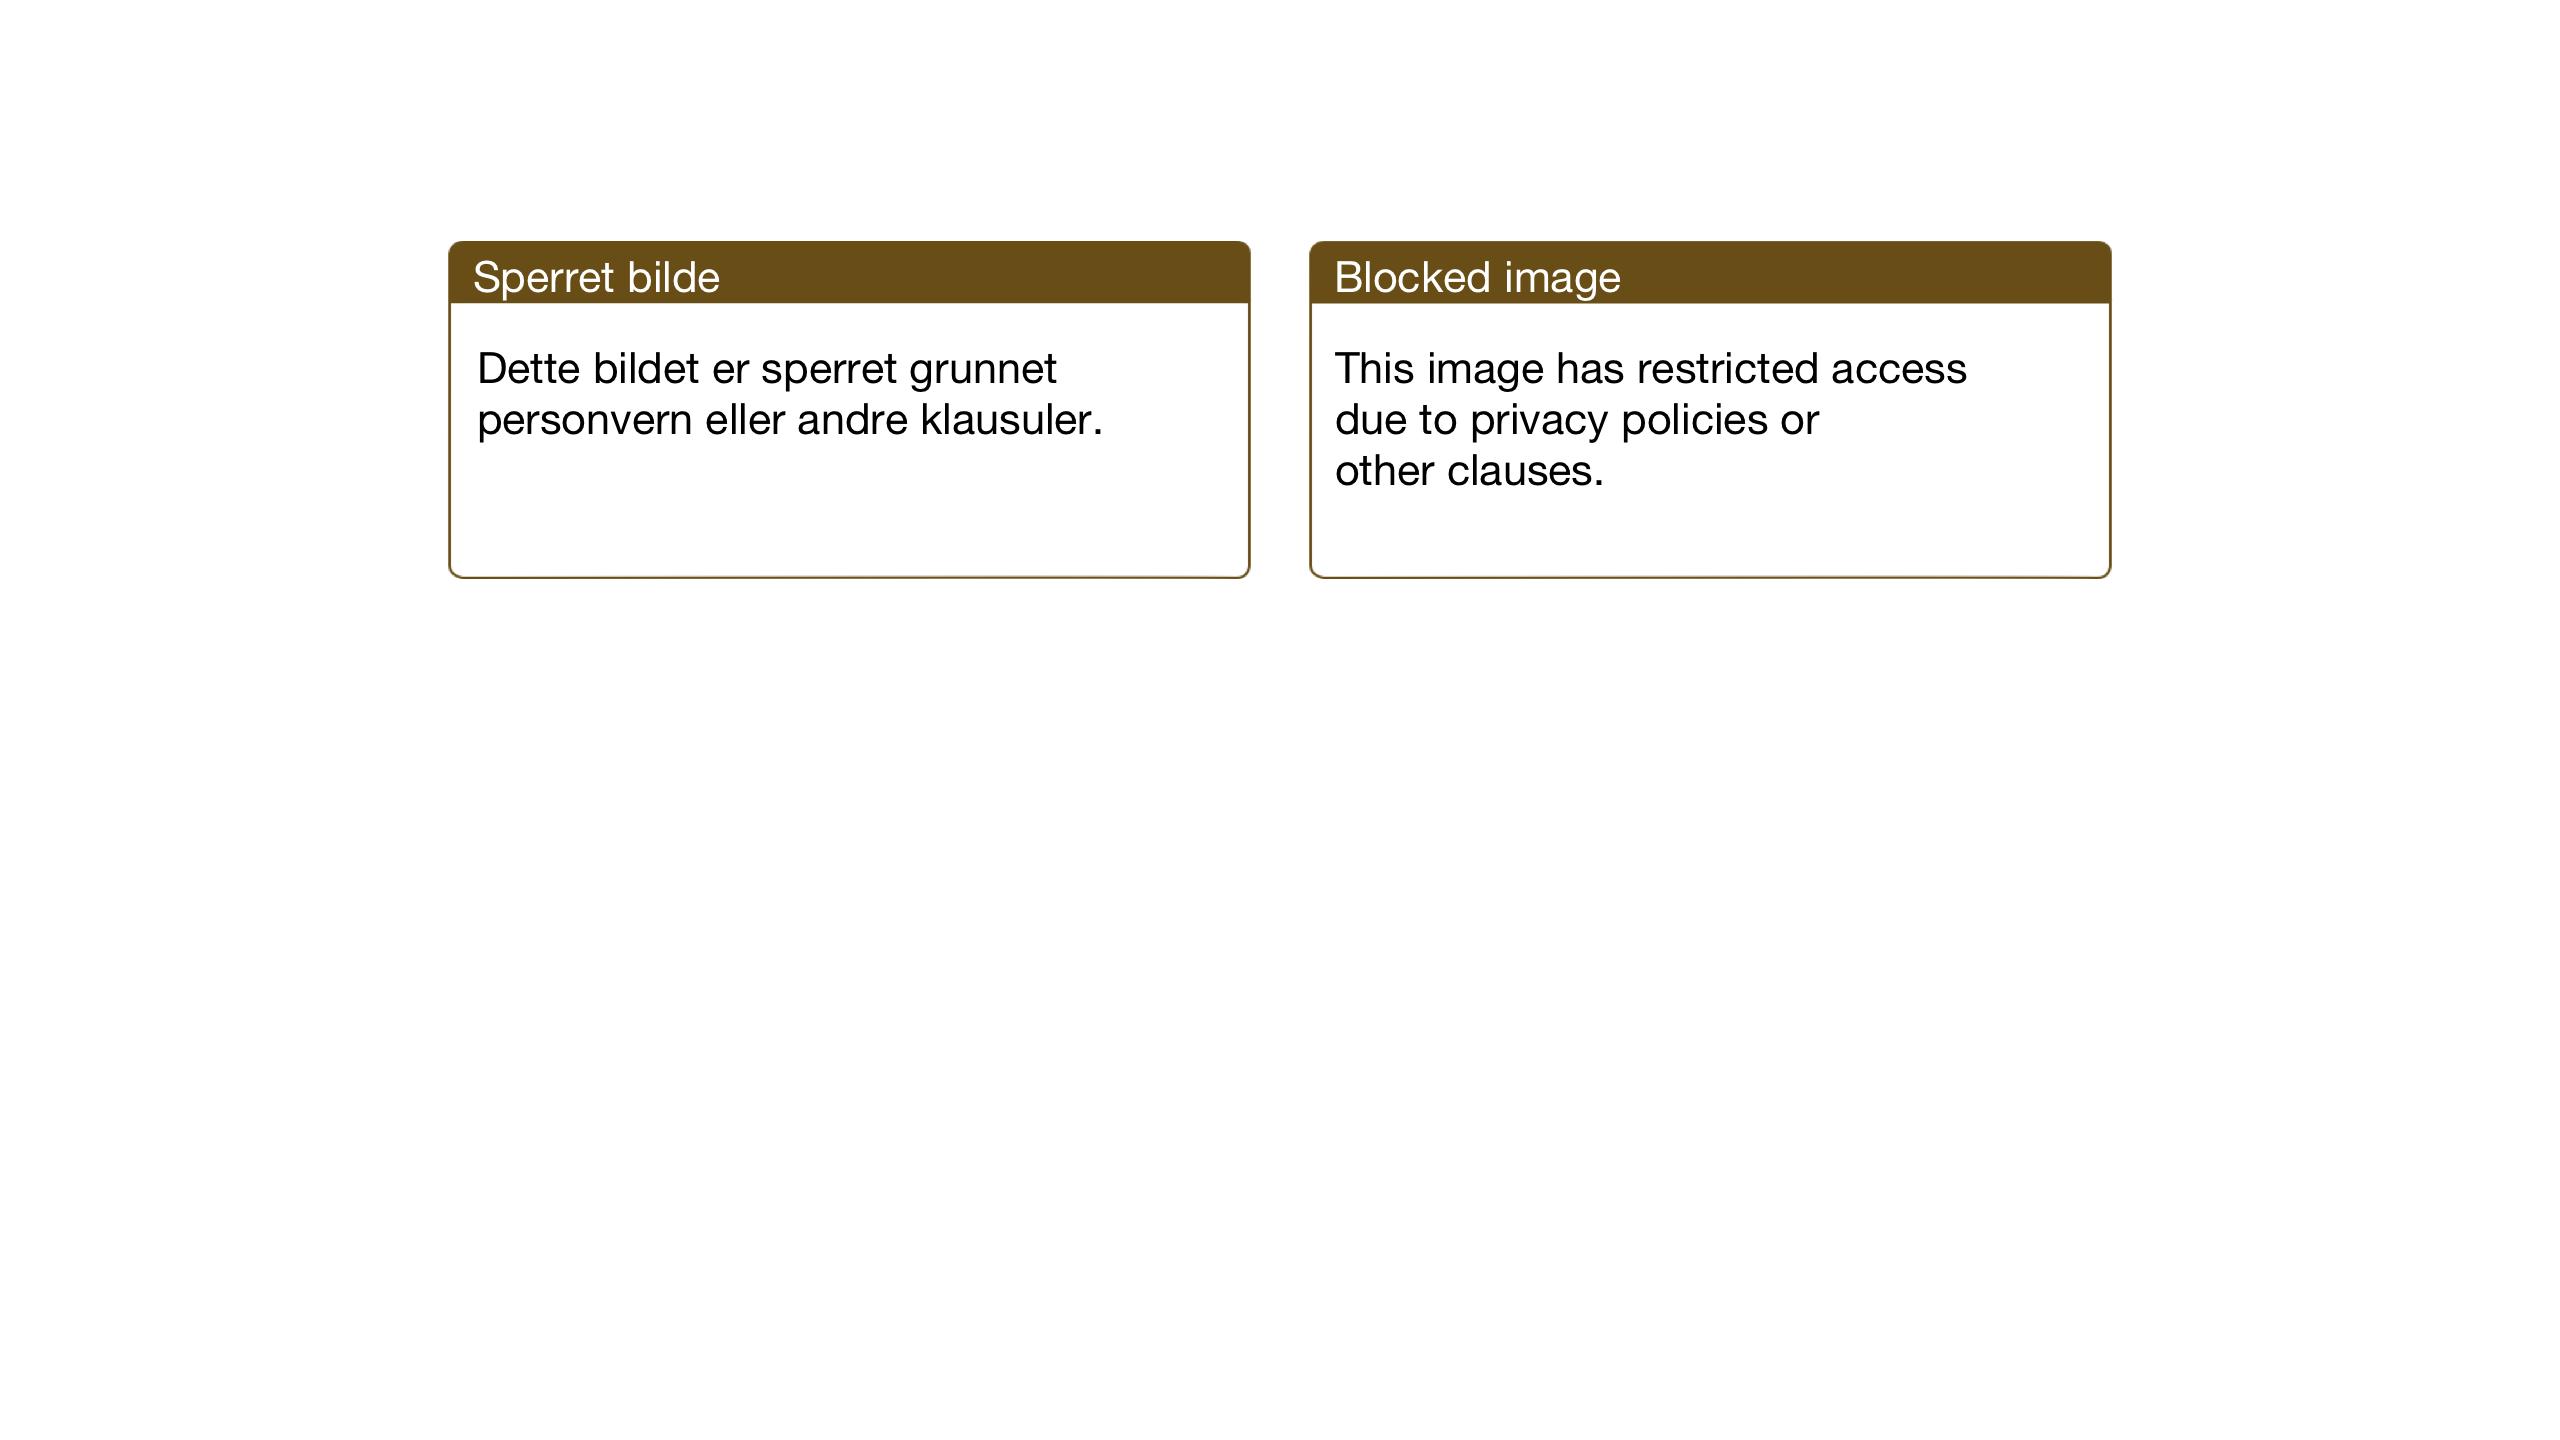 SAT, Ministerialprotokoller, klokkerbøker og fødselsregistre - Sør-Trøndelag, 681/L0943: Klokkerbok nr. 681C07, 1926-1954, s. 317